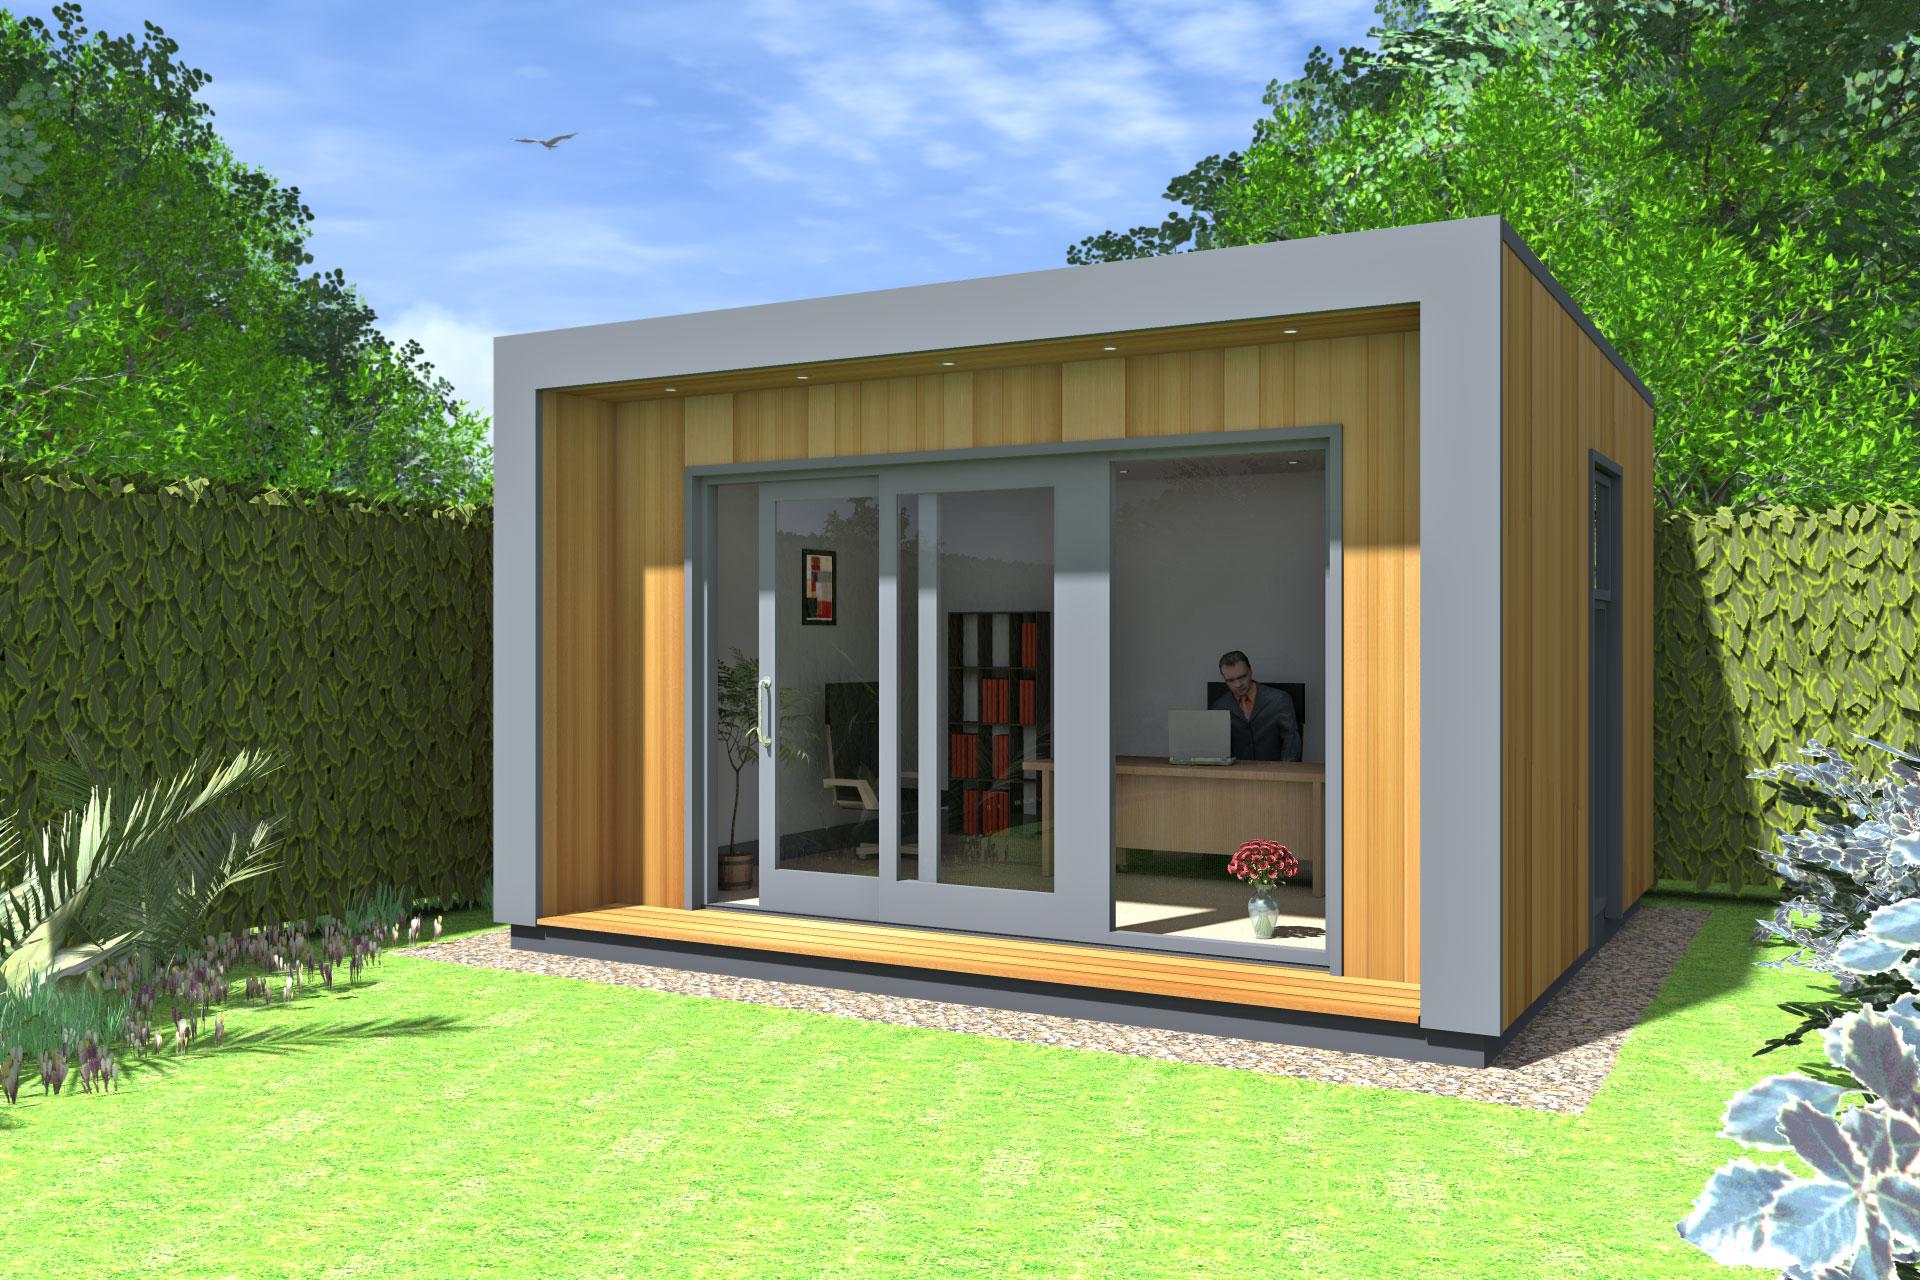 Ecos Cubeco Garden Office Ideas Gallery ECOS Ireland